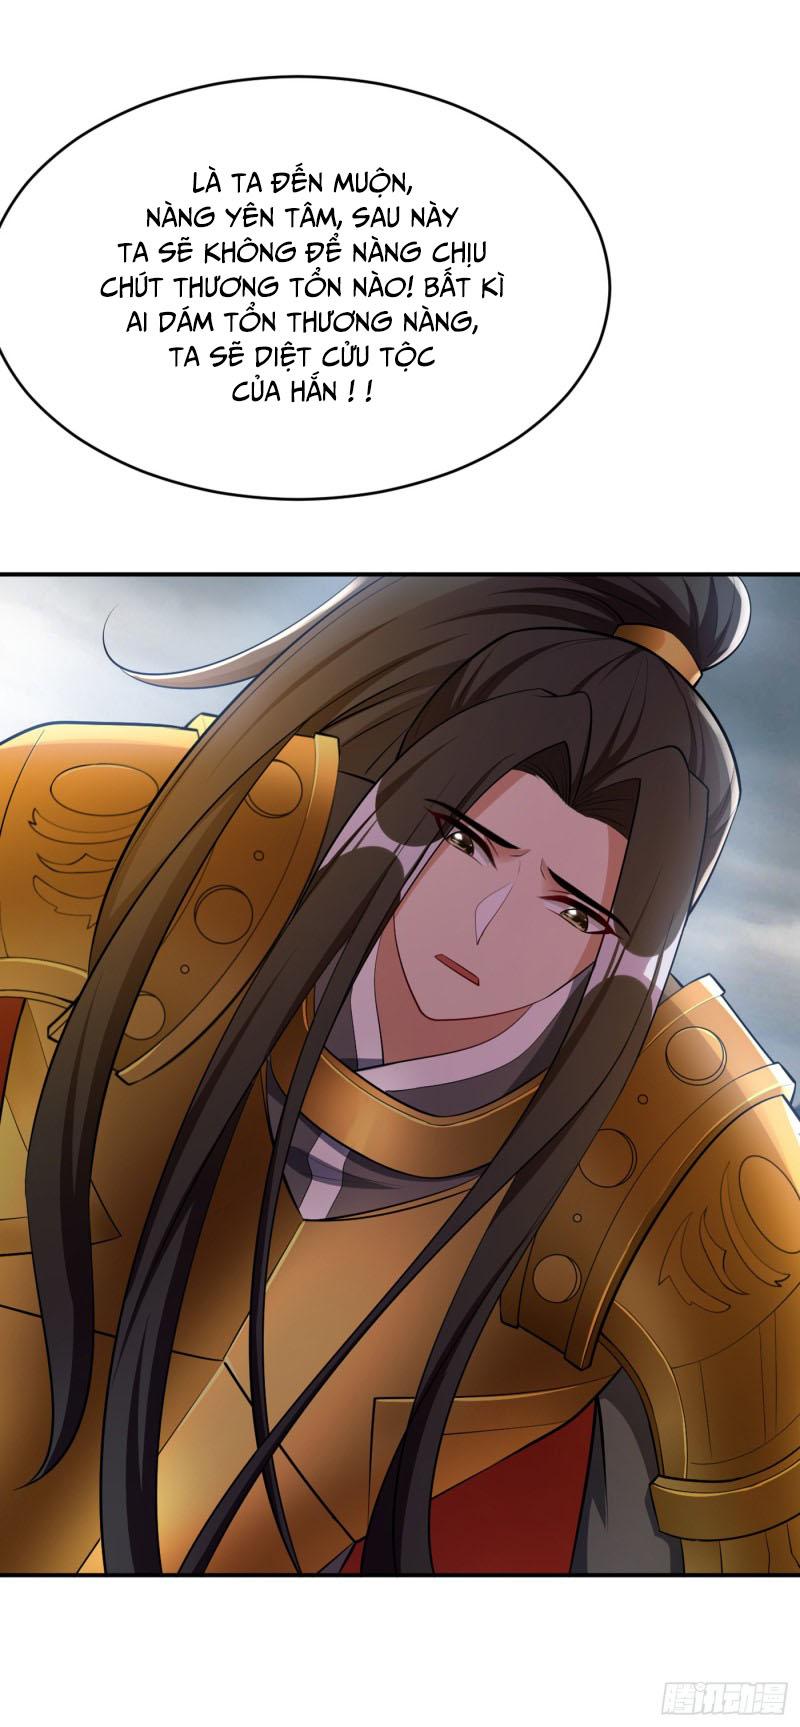 Yêu Giả Vi Vương chap 113 - Trang 20